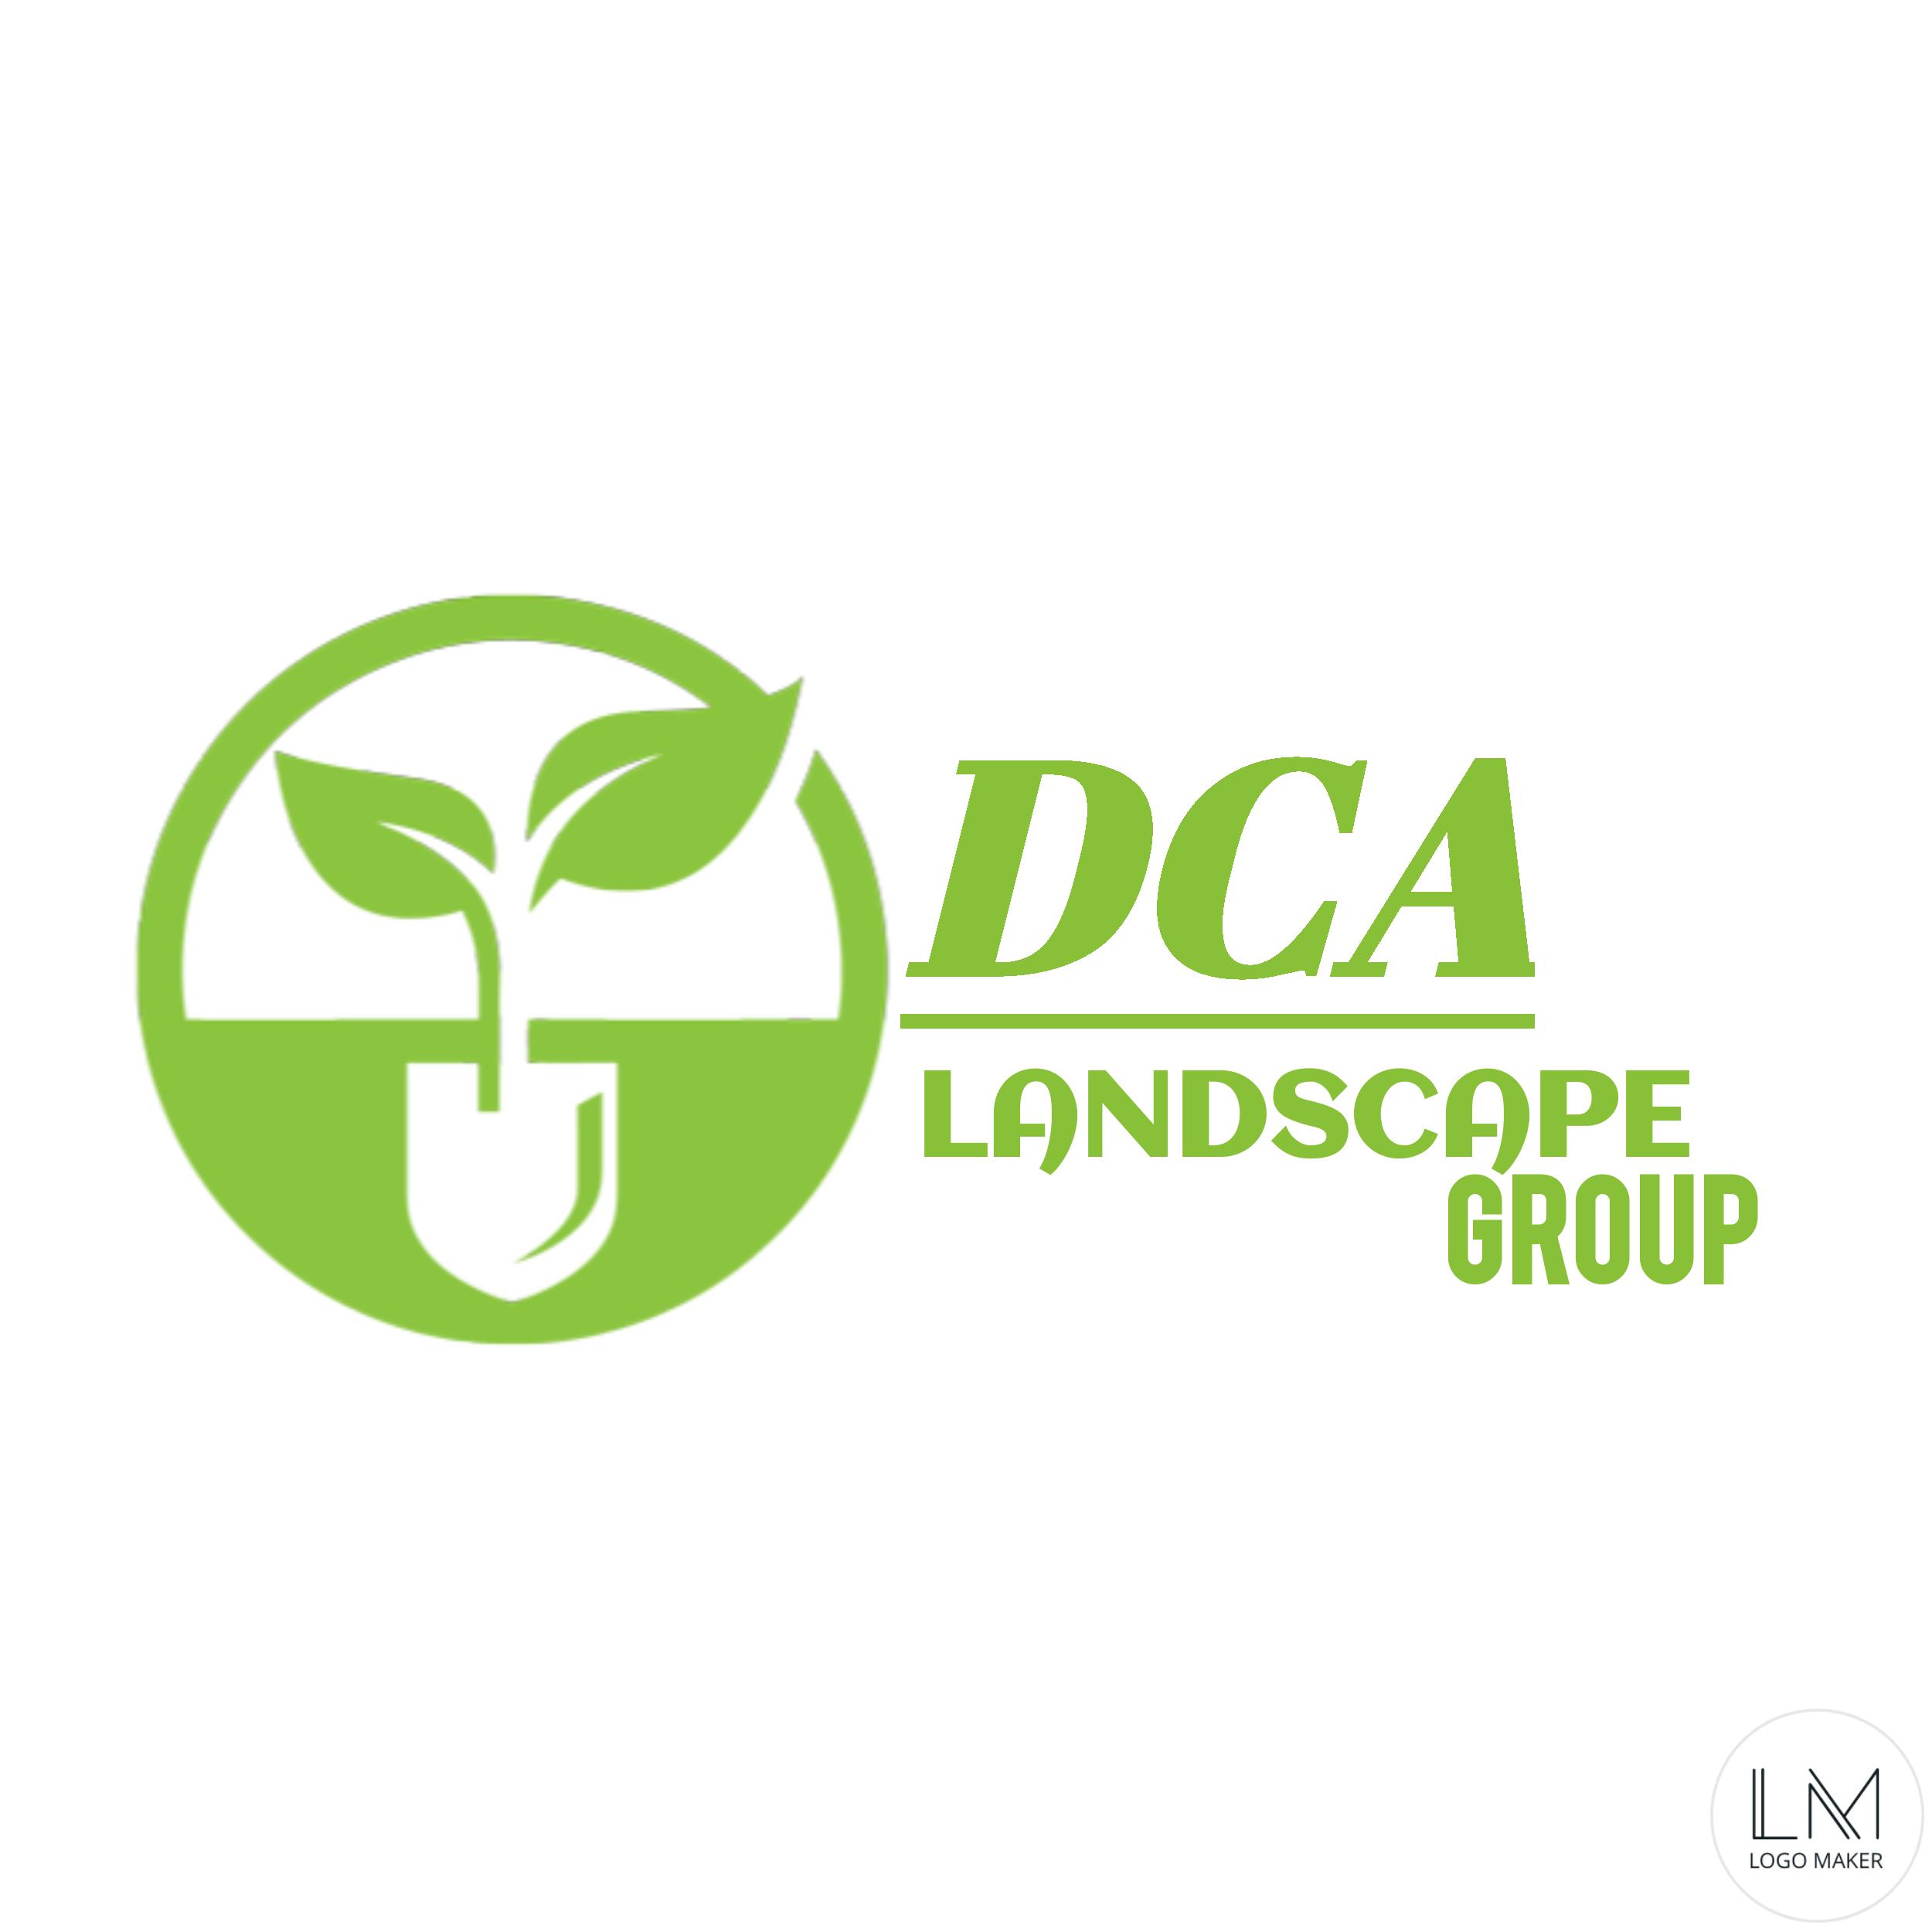 Dca landscape group